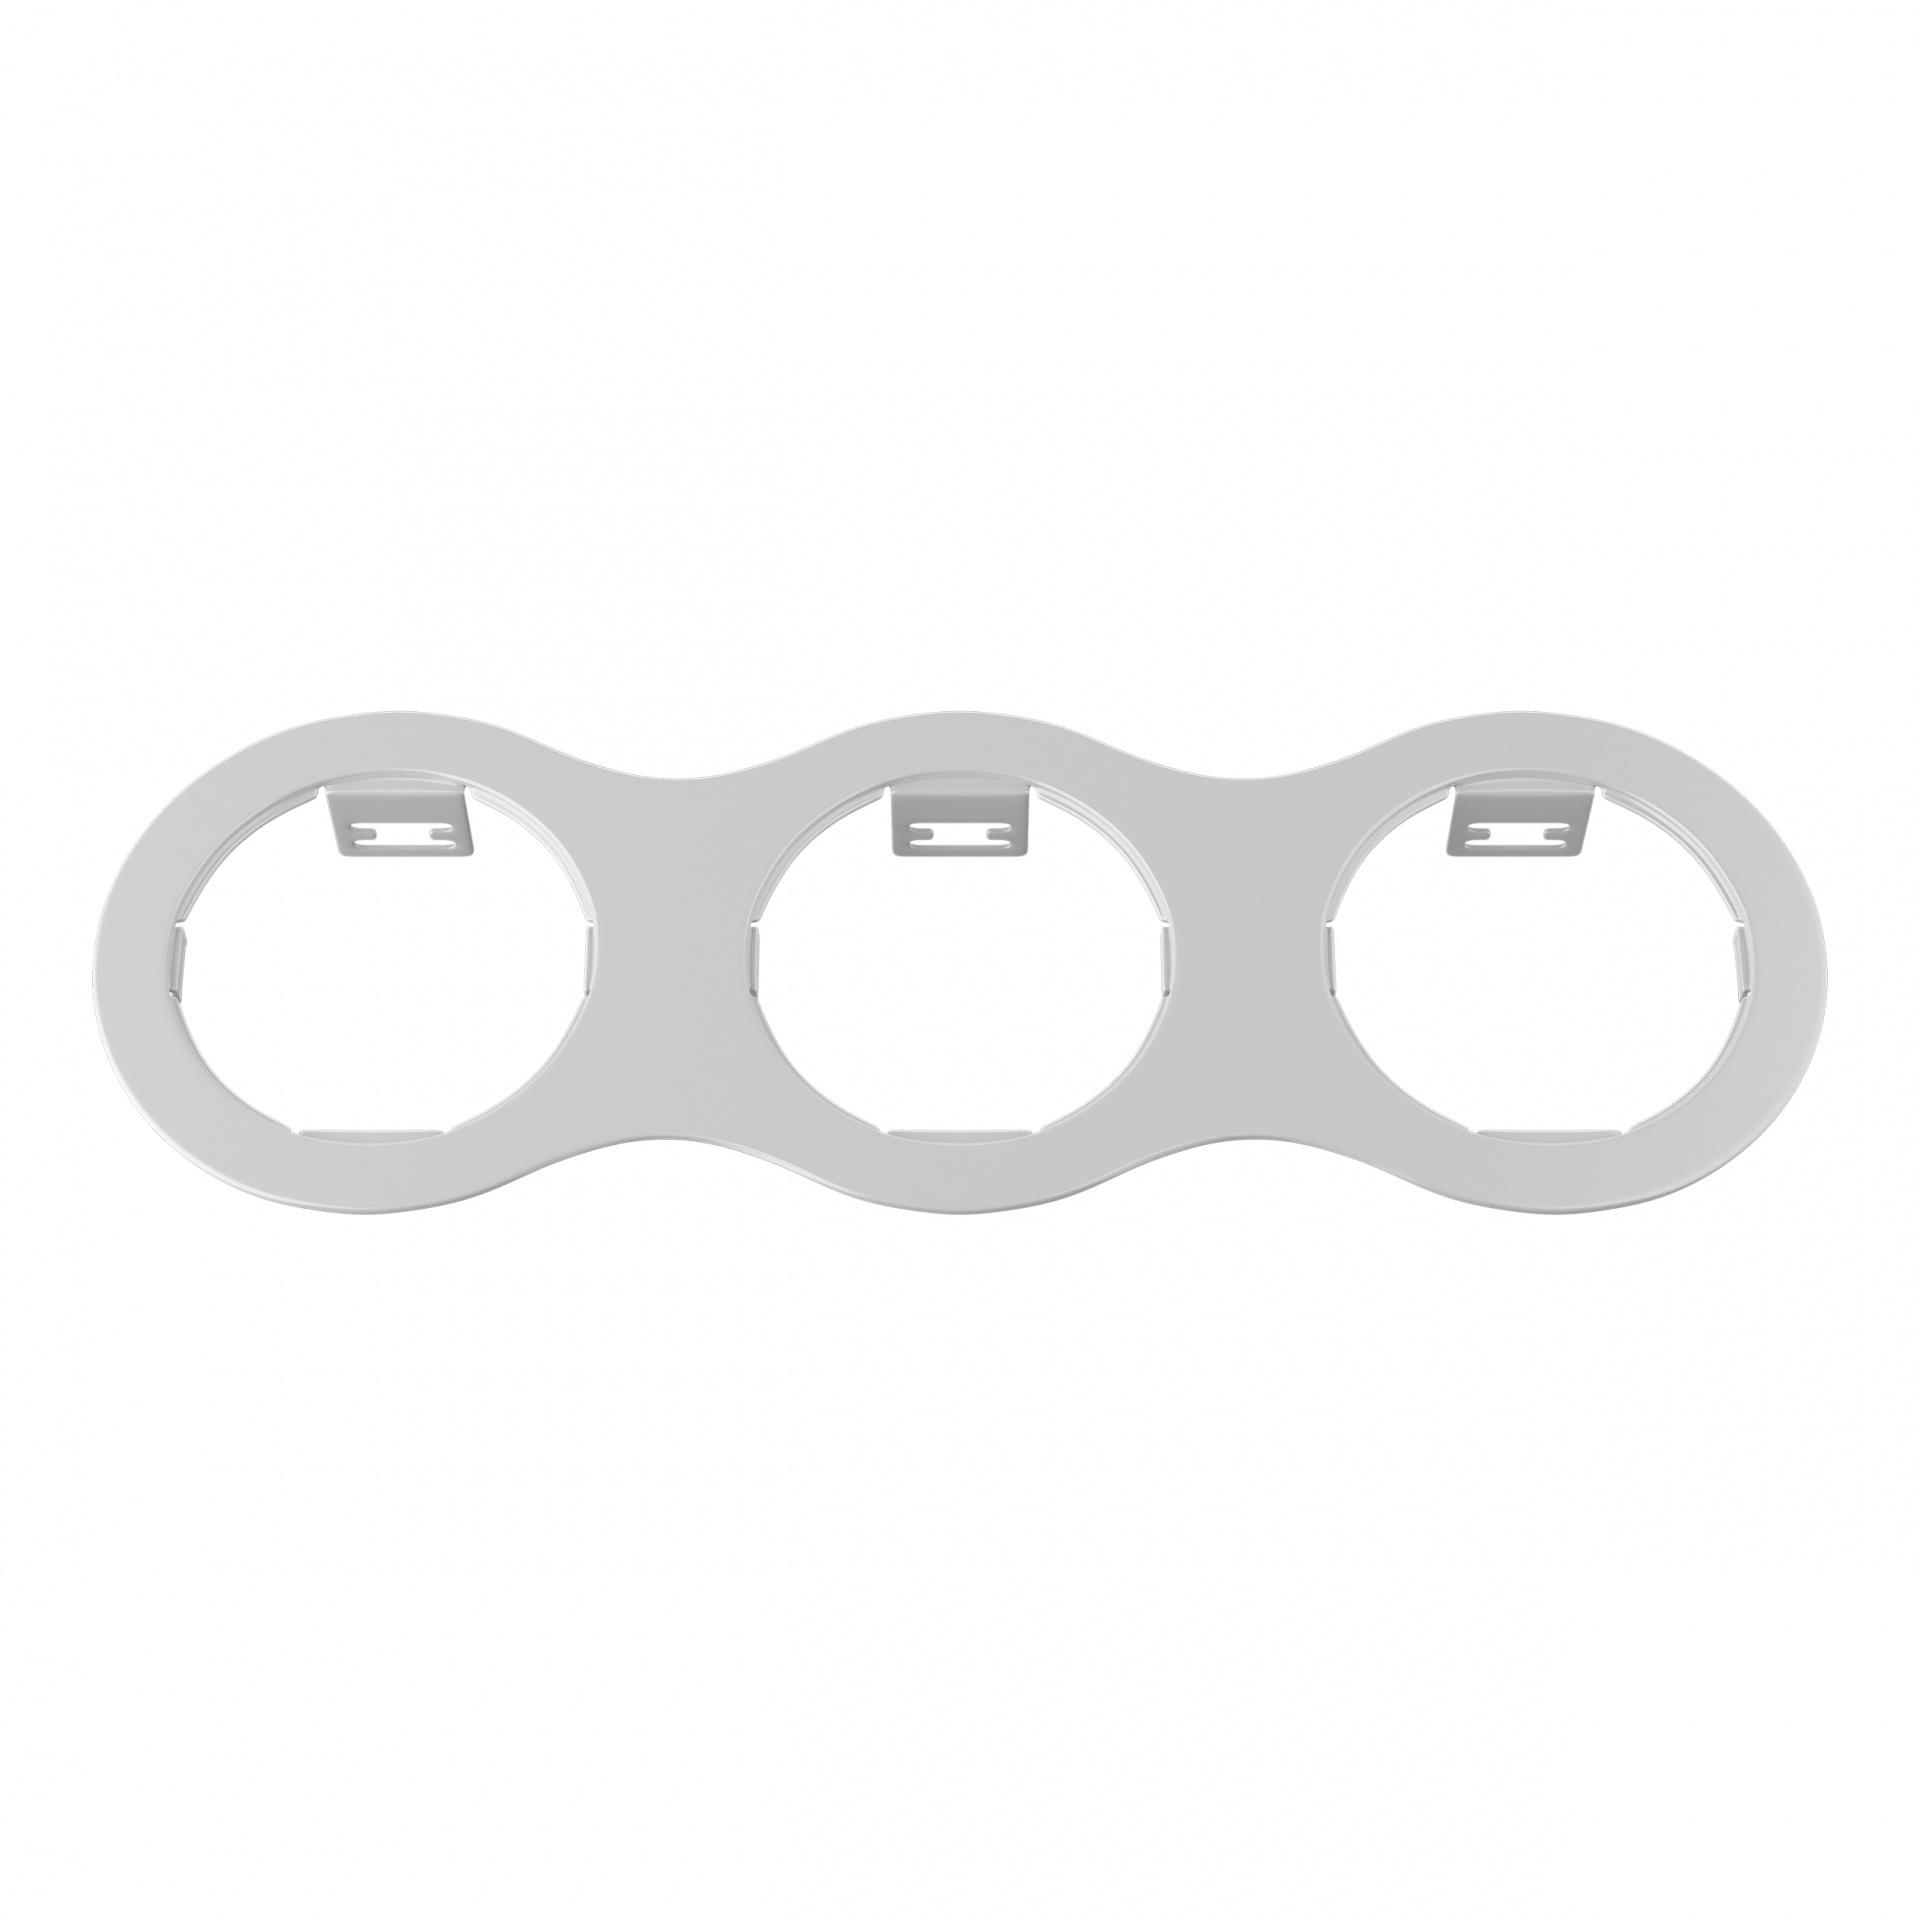 Рамка Domino Triple ROUND МR16 белый Lightstar 214636, купить в СПб, Москве, с доставкой, Санкт-Петербург, интернет-магазин люстр и светильников Starlight, фото в жизни